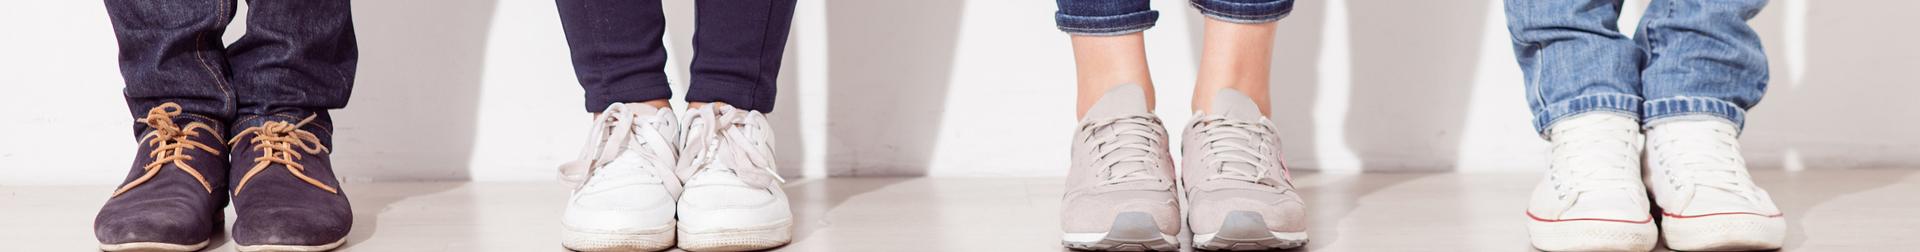 Footwear   Buy Footwear for Men, Women and Kids Online   AromaCraze